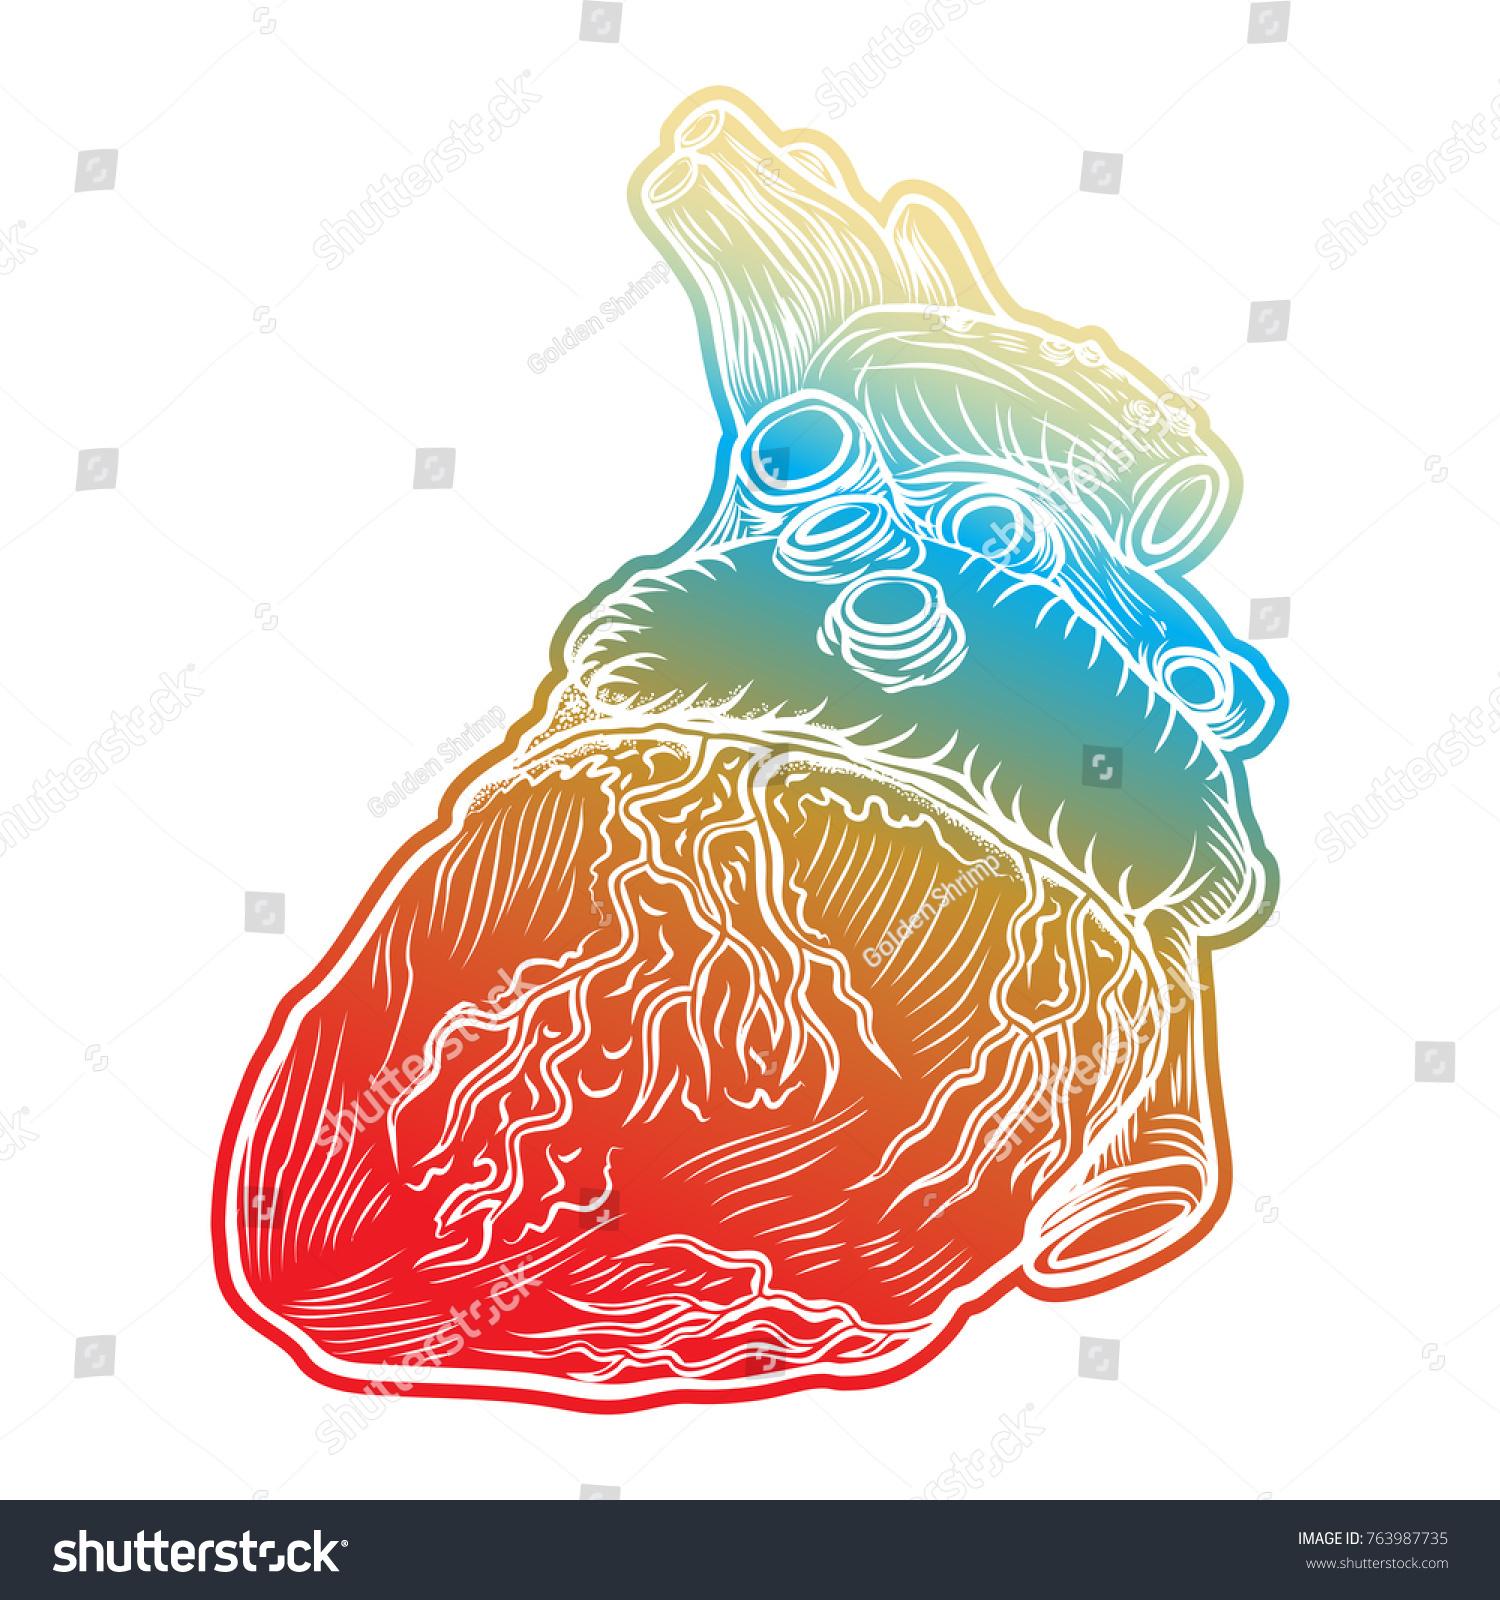 Red Human Heart Aorta Veins Arteries Stock Vector 763987735 ...